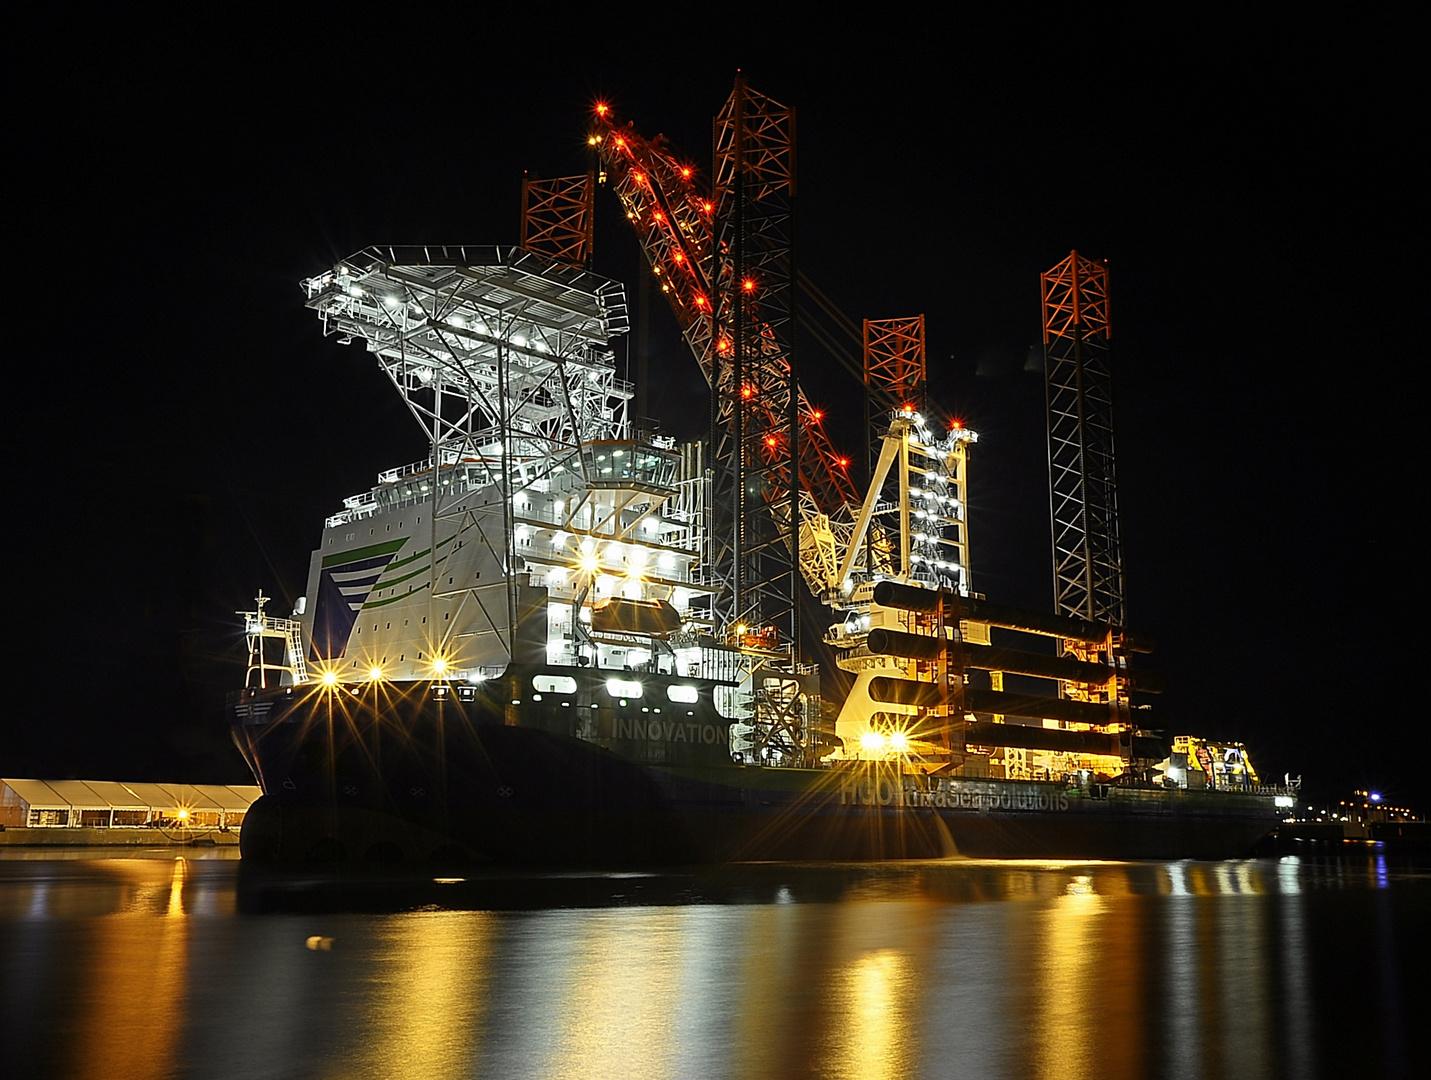 """die """"Innovation"""" - was für ein Arbeitsschiff"""